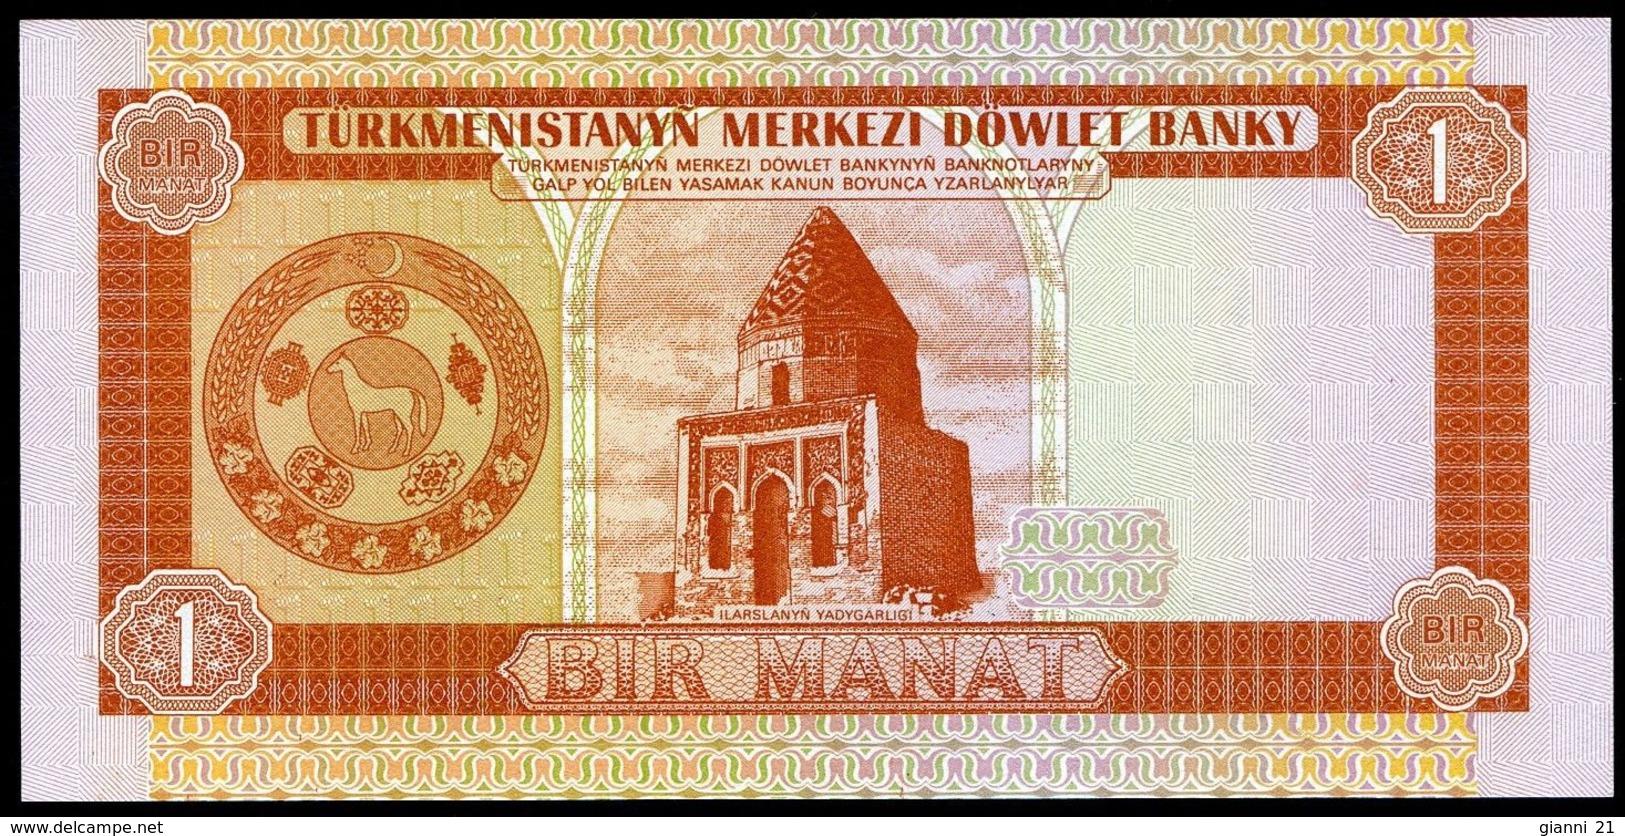 Turkmenistan 5 Manat 1993 UNC Asian banknotes P-2